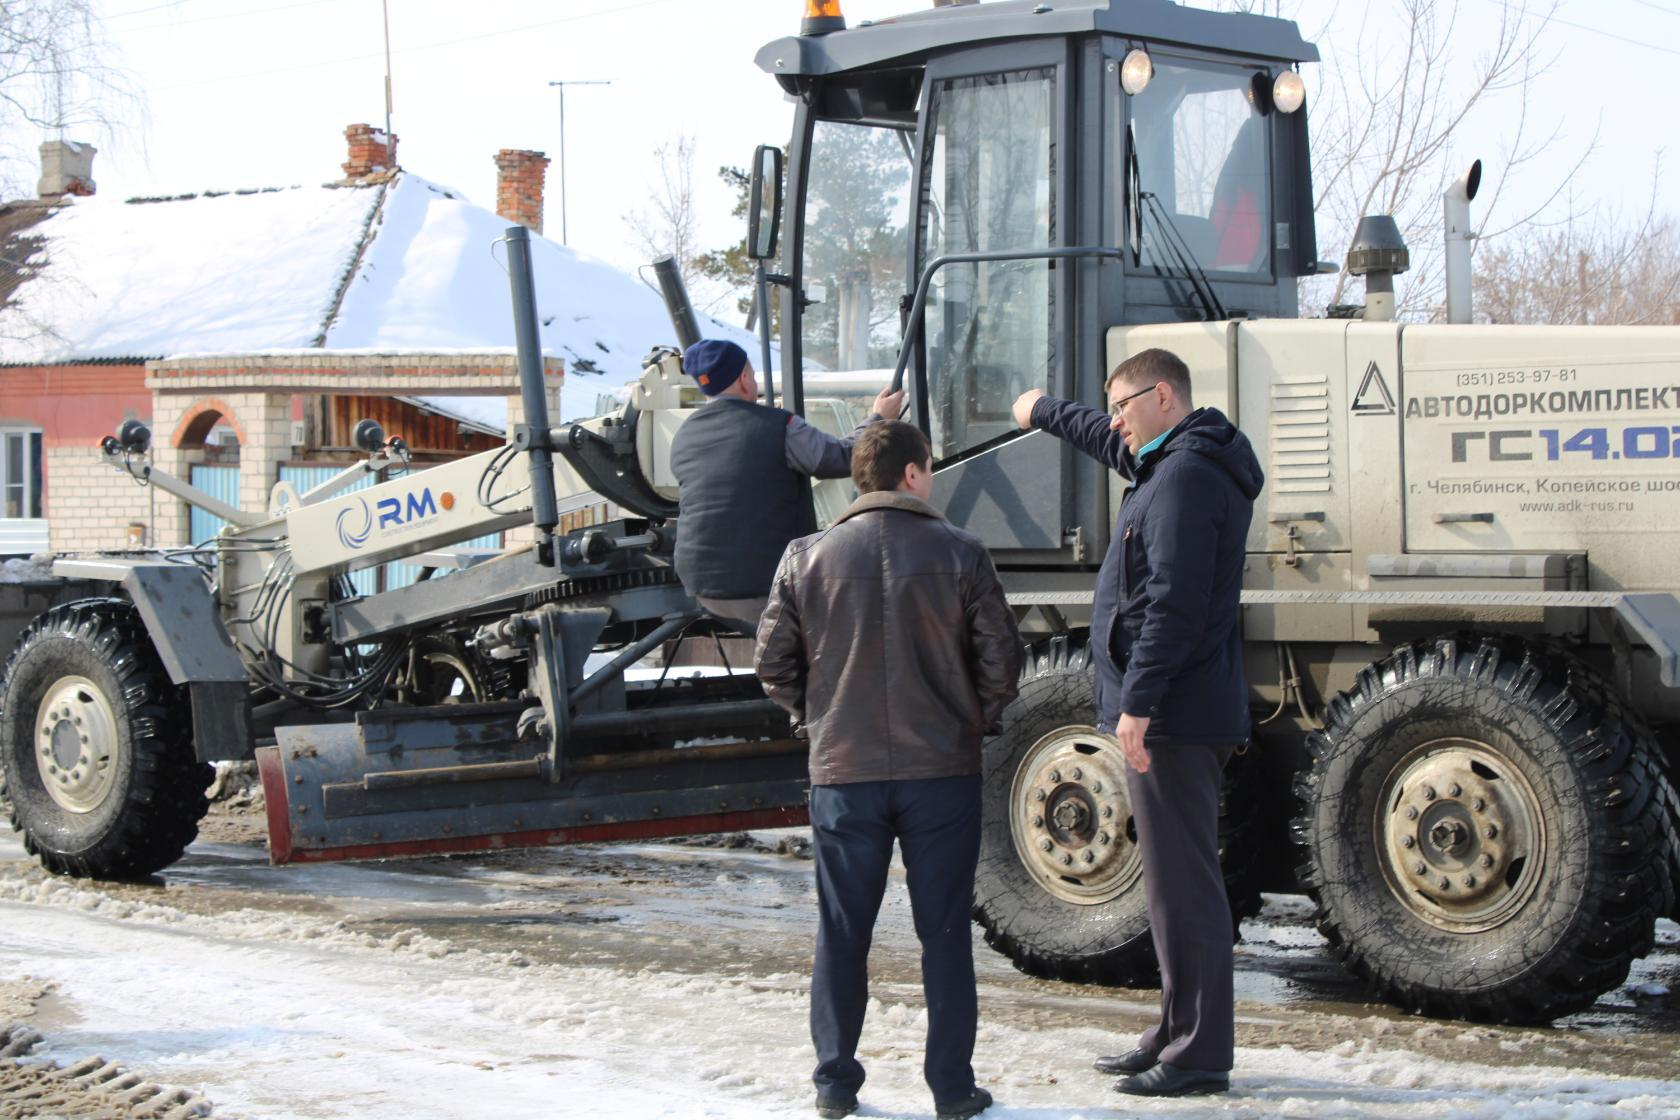 Николай Можаев и его заместитель Евгений Бойко обсуждают план работы грейдера